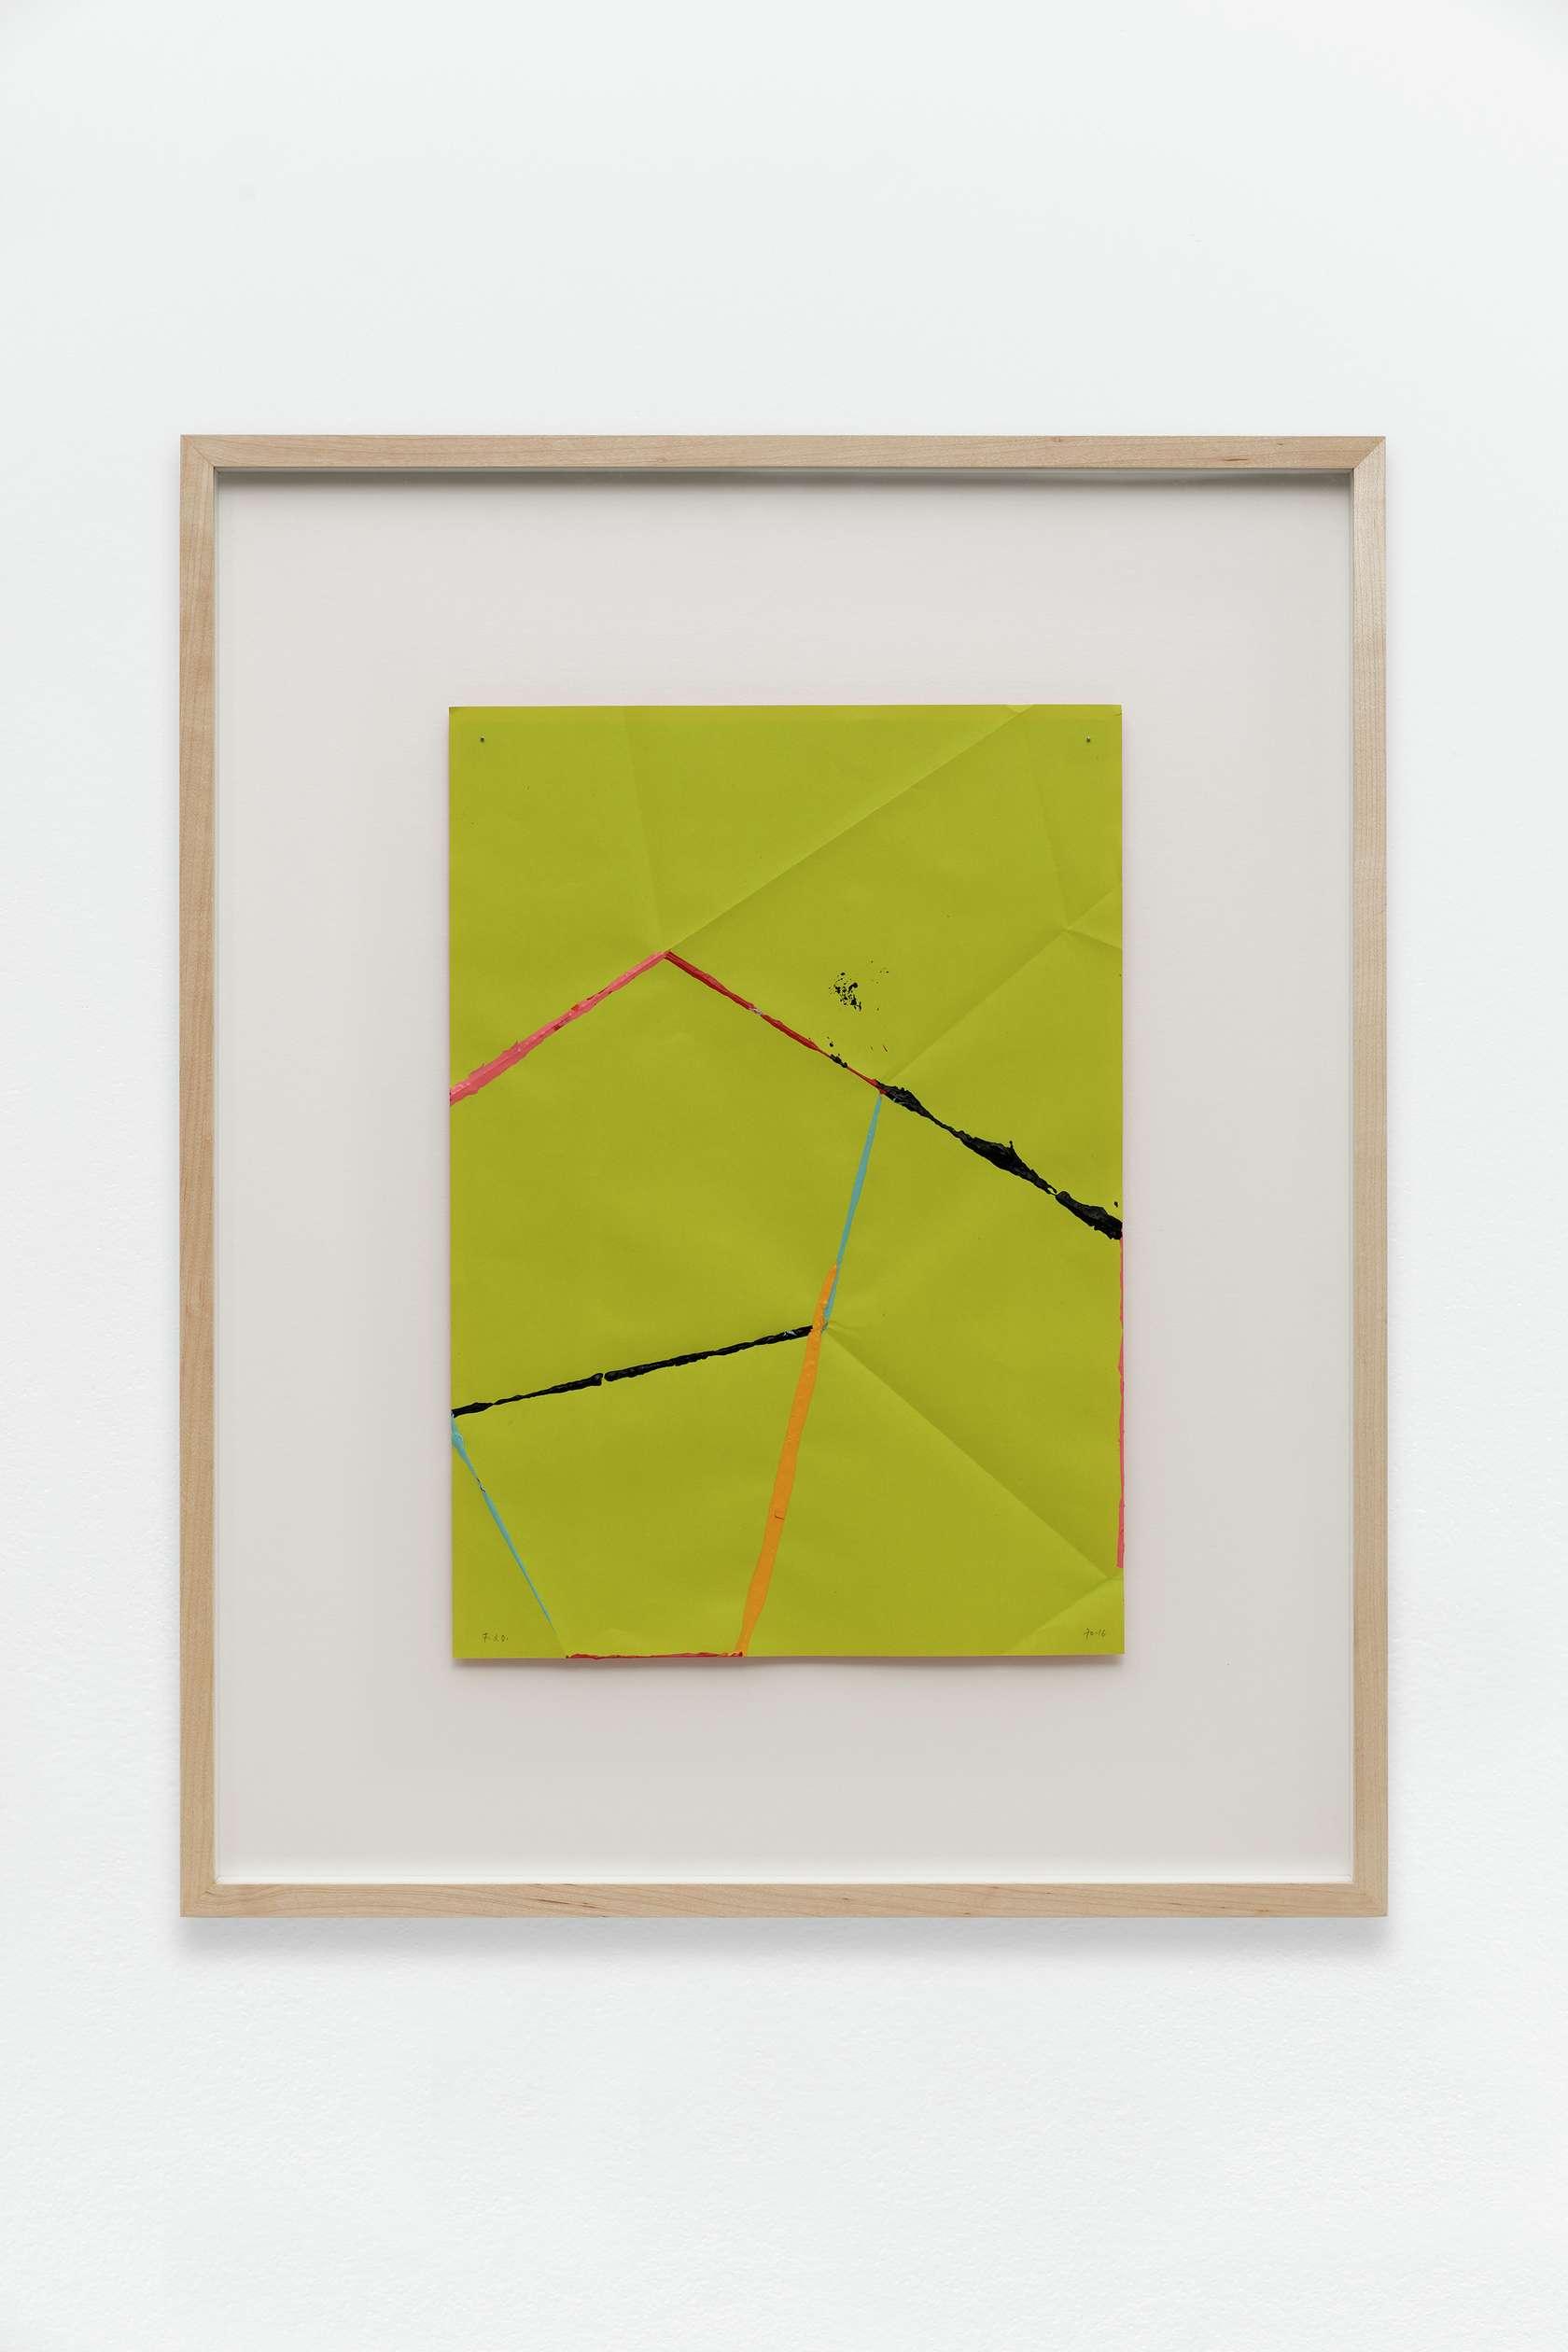 Beat Zoderer, Fold & Dip, 2016 Acrylique sur papier plié41 x 29 cm / 16 1/8 x 11 3/8 inches